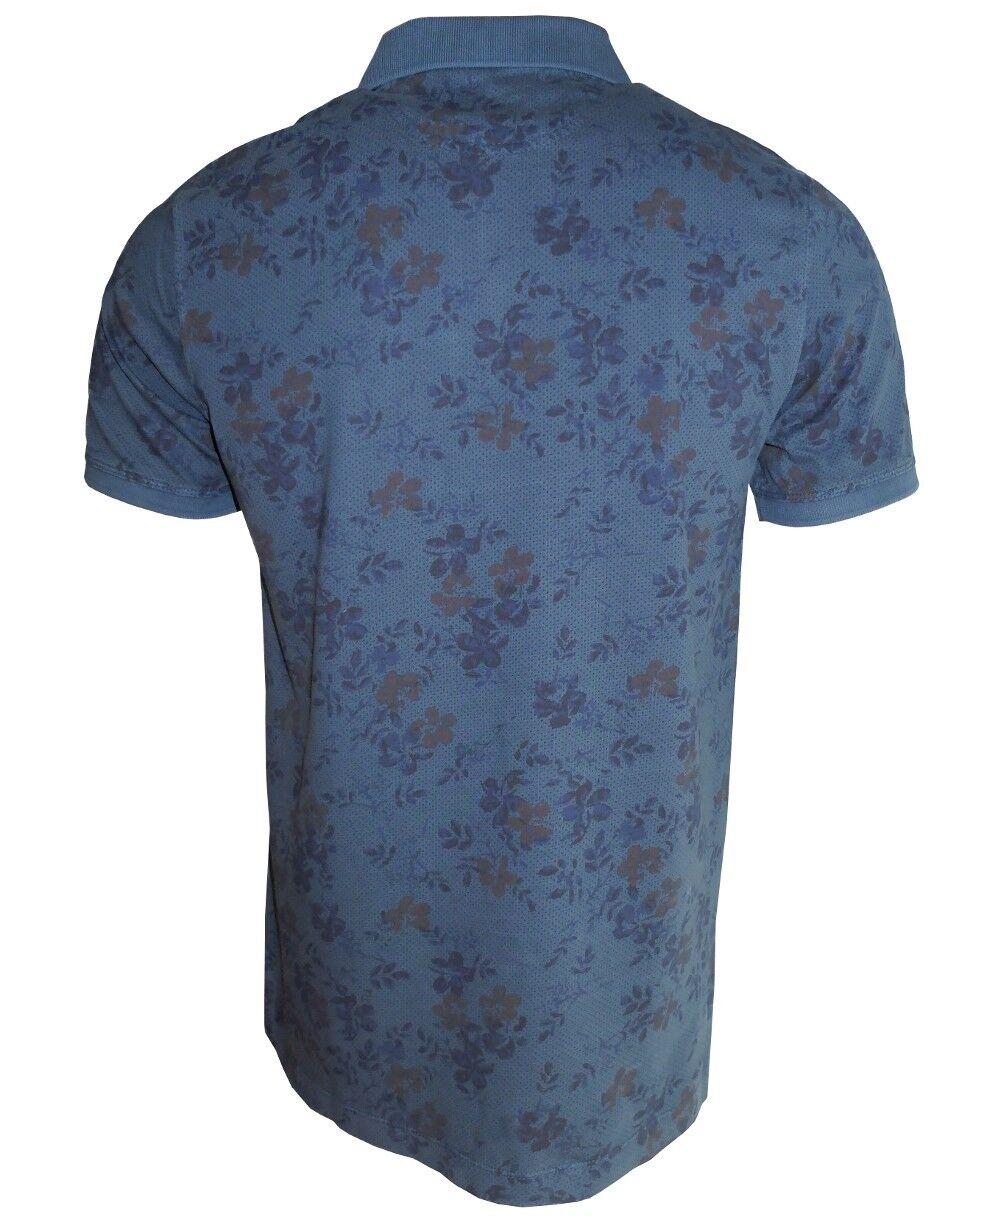 Baileys Vintage Vintage Vintage Polo Shirt in petrolblau gepunktet mit Floralmuster Gr. M - 4XL   Verschiedene Arten und Stile  fab98f